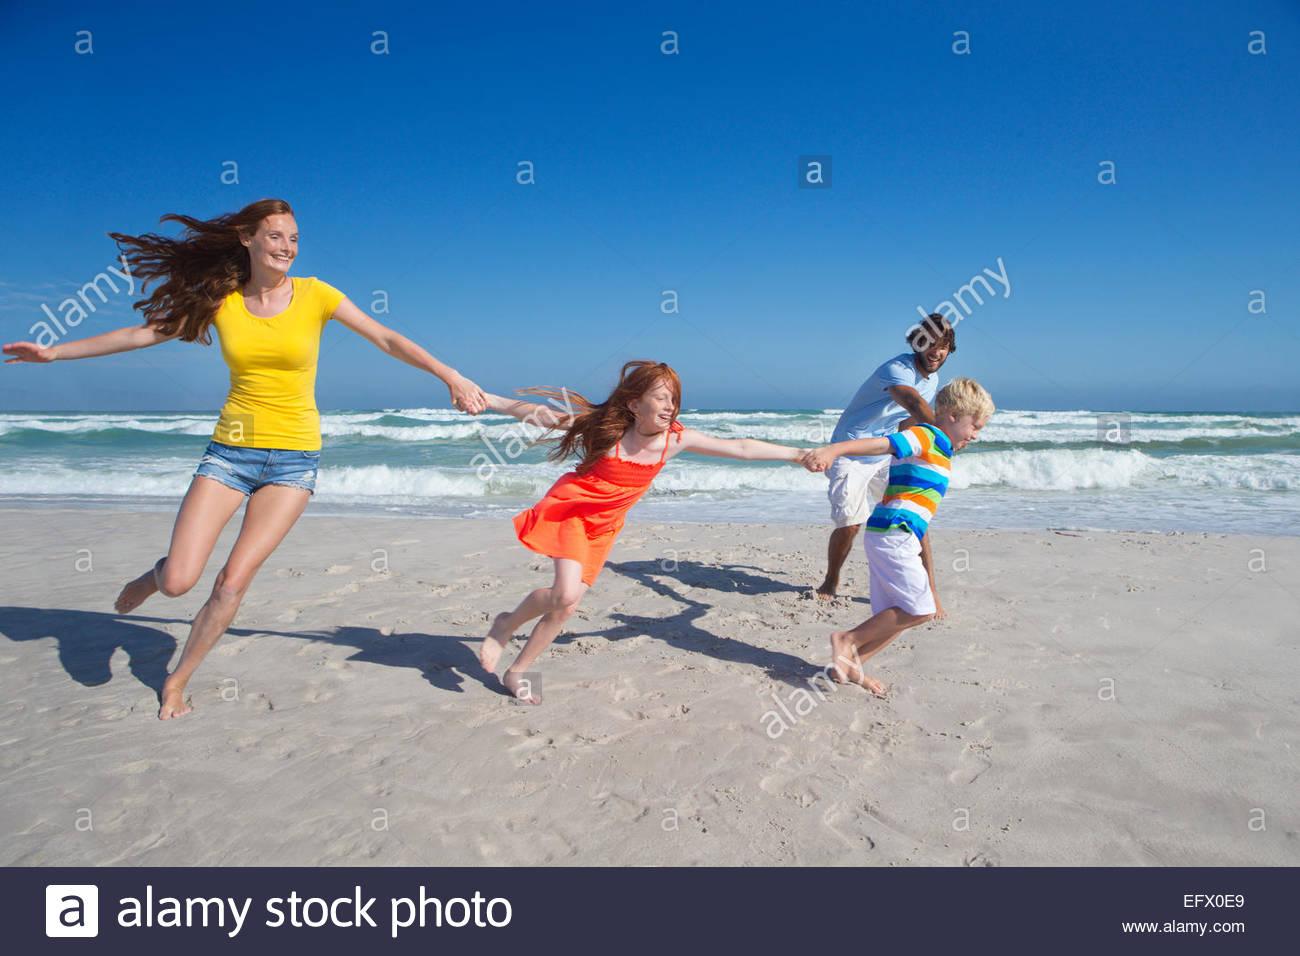 Familia Feliz, tomados de las manos, girando y tirando unos con otros a lo largo de sunny beach Imagen De Stock